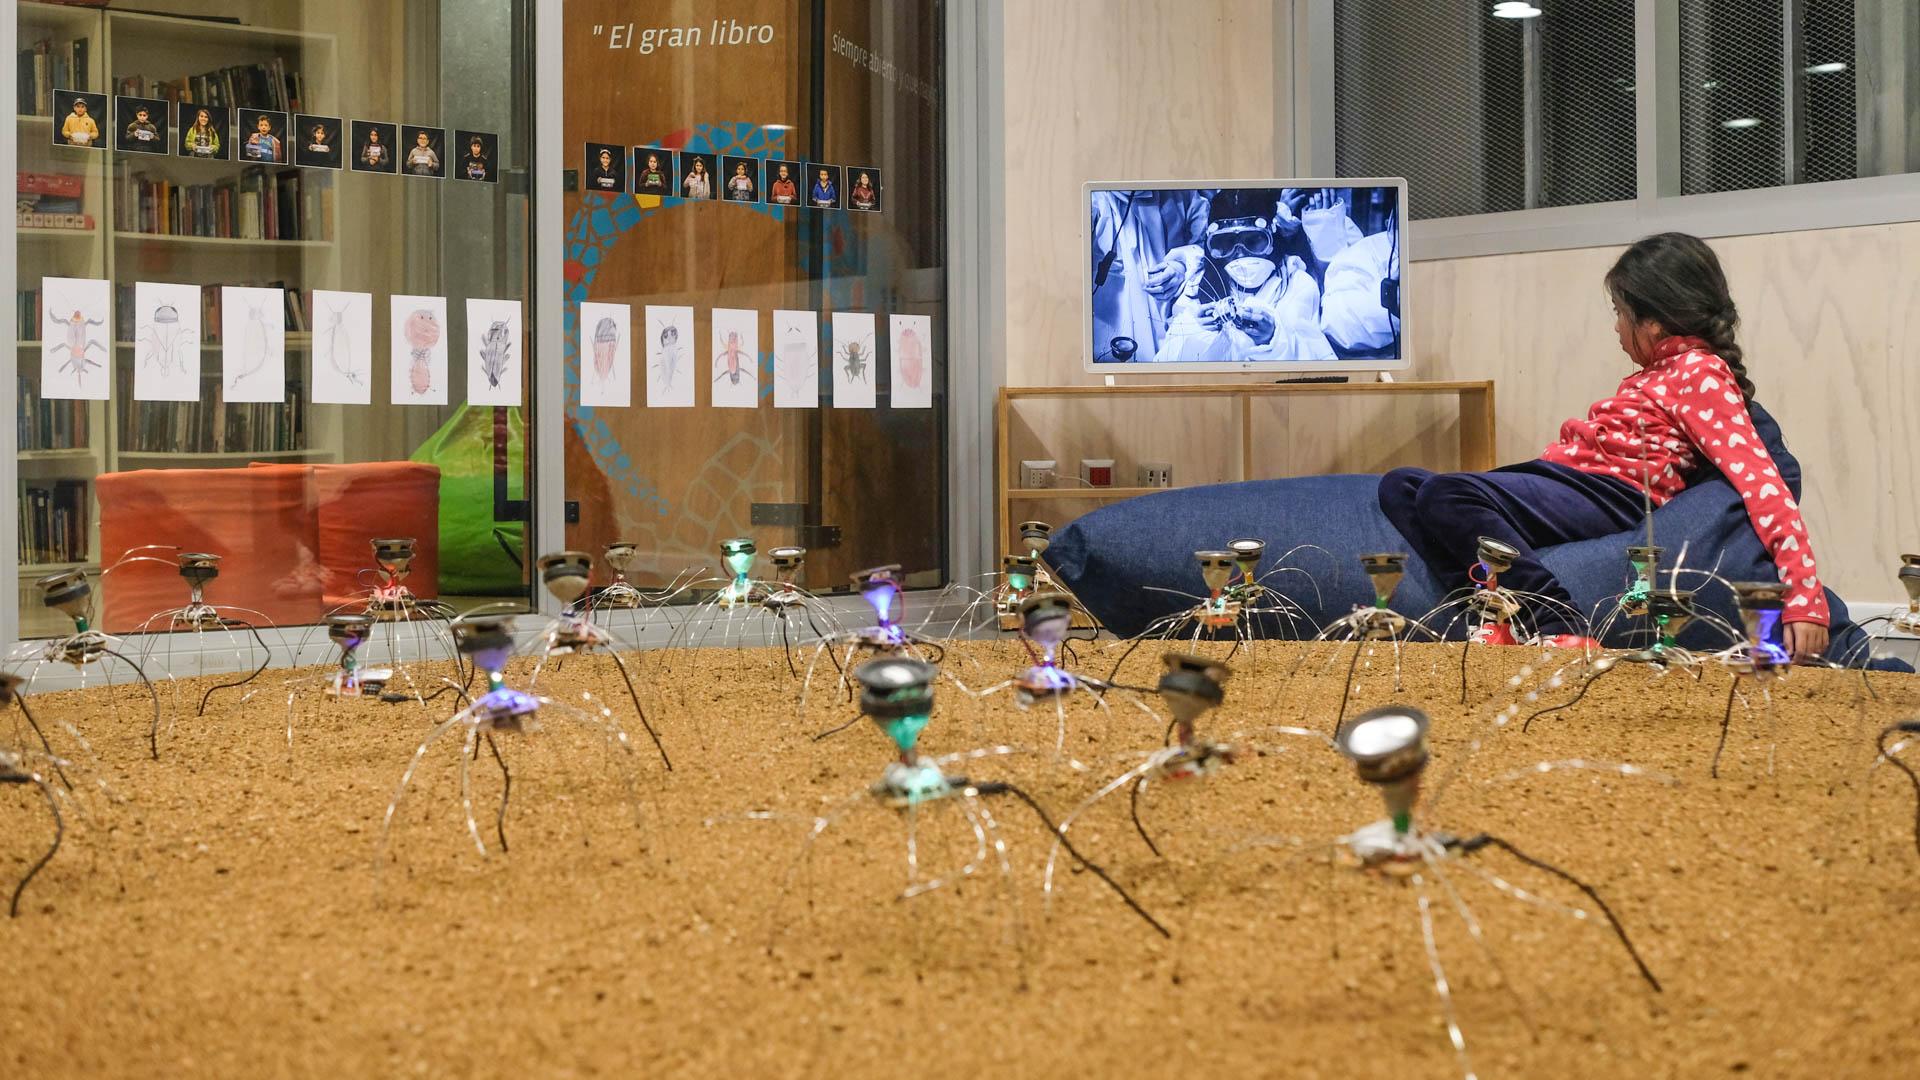 Niños y niñas de La Ligua toman conciencia sobre el cambio climático con proyecto multisensorial de insectos sonoros